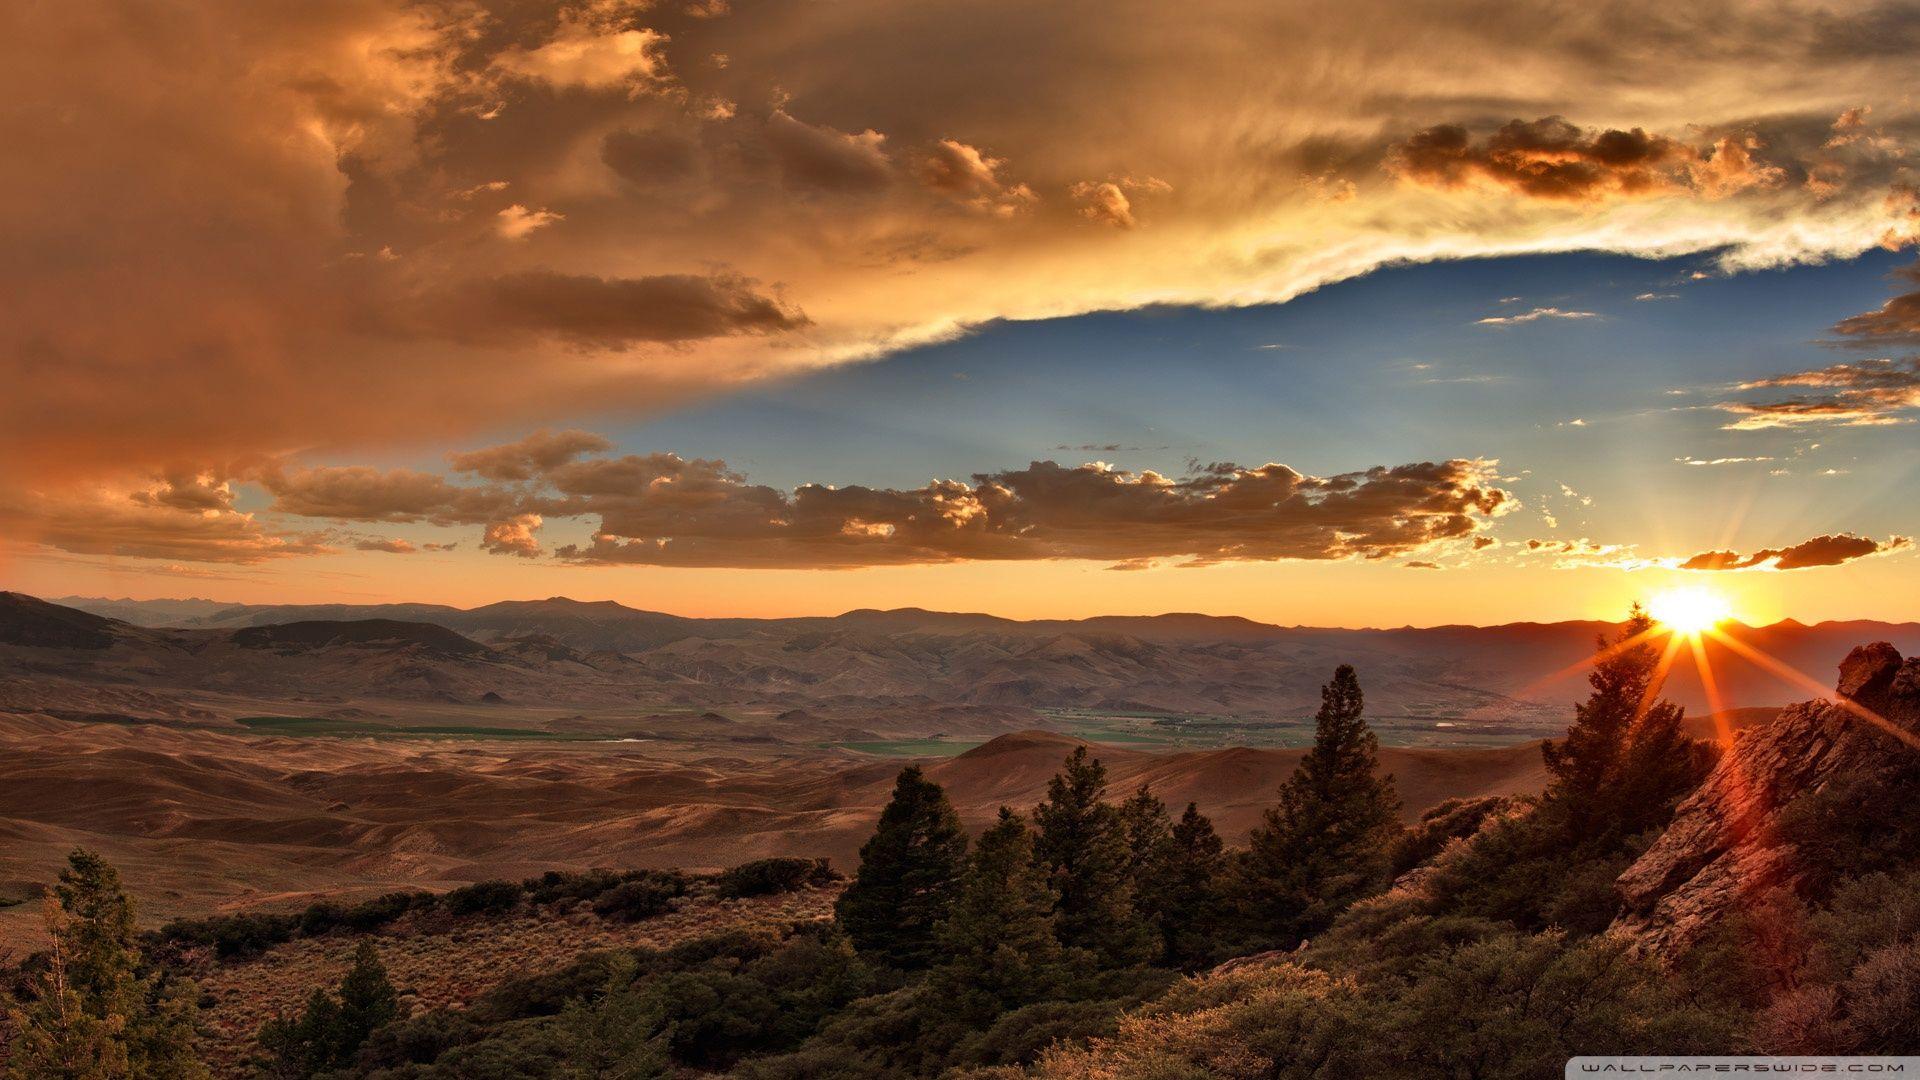 Sunset Over Desert ❤ 4k Hd Desktop Wallpaper For 4k - Hd Wallpaper Mountain Sunset - HD Wallpaper